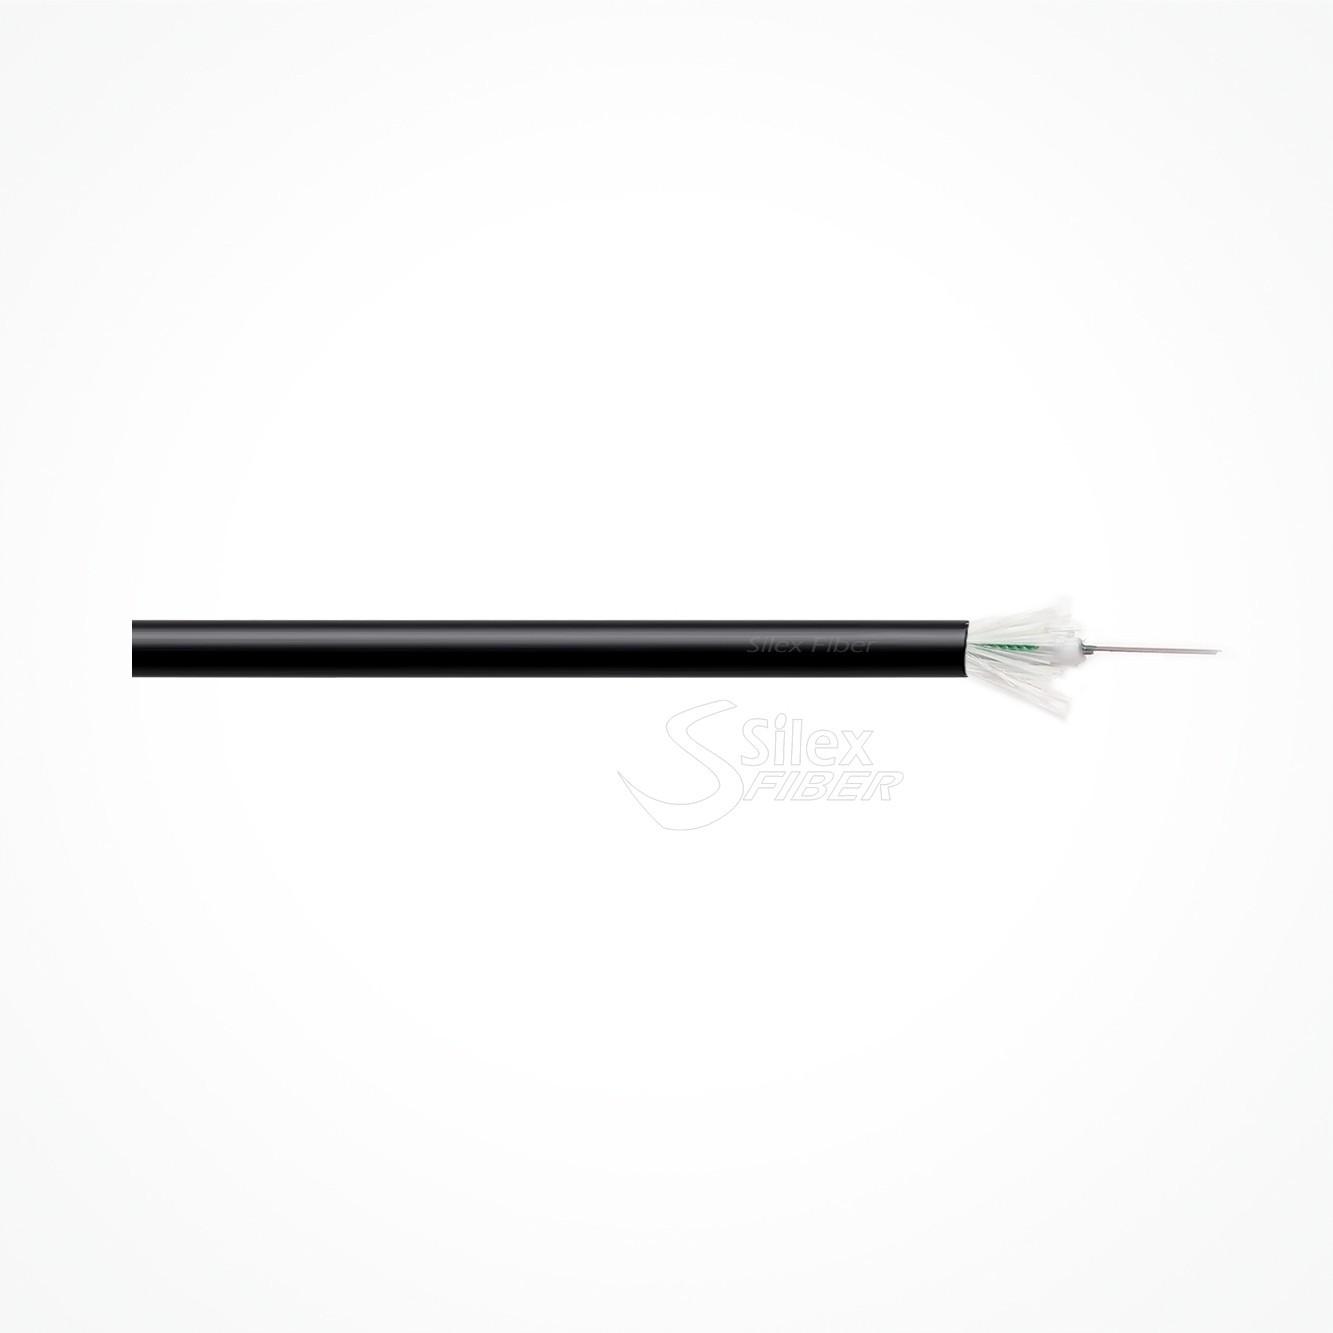 Cable Fibra Optica Dielectrico DP1 F2-24 SXT07160101S